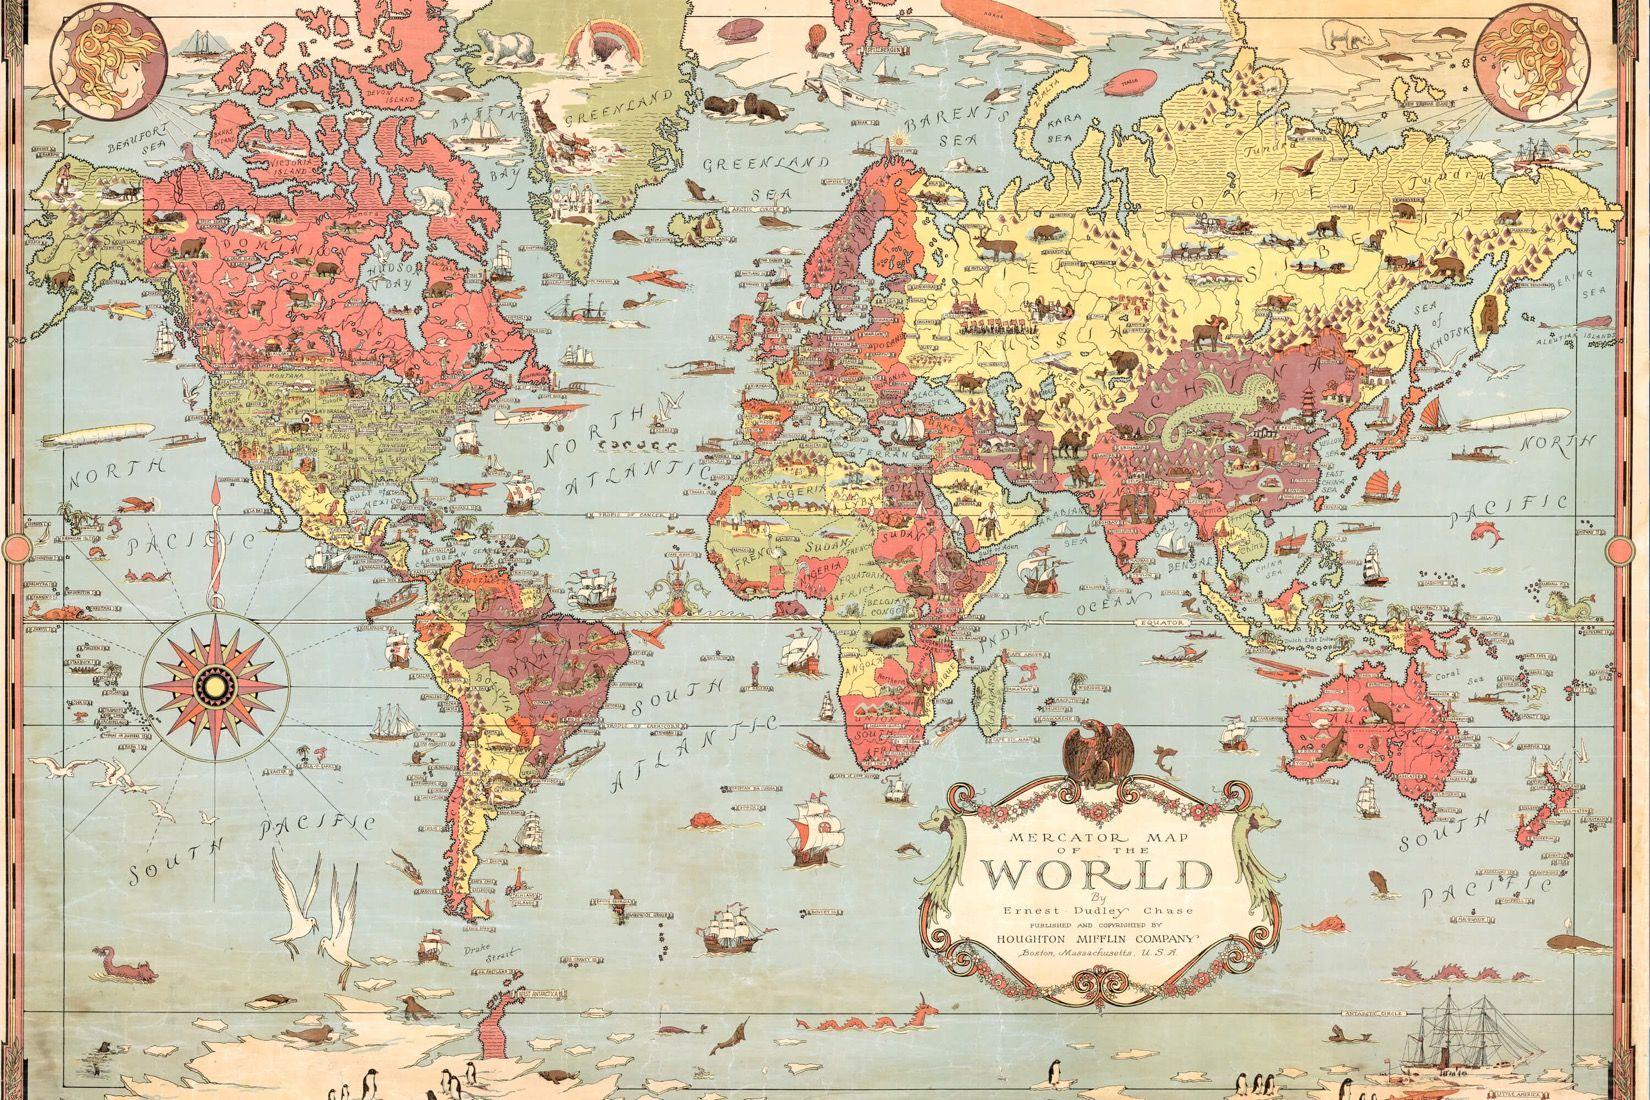 Kids vintage world map muralswallpaper design services kids vintage world map muralswallpaper gumiabroncs Images